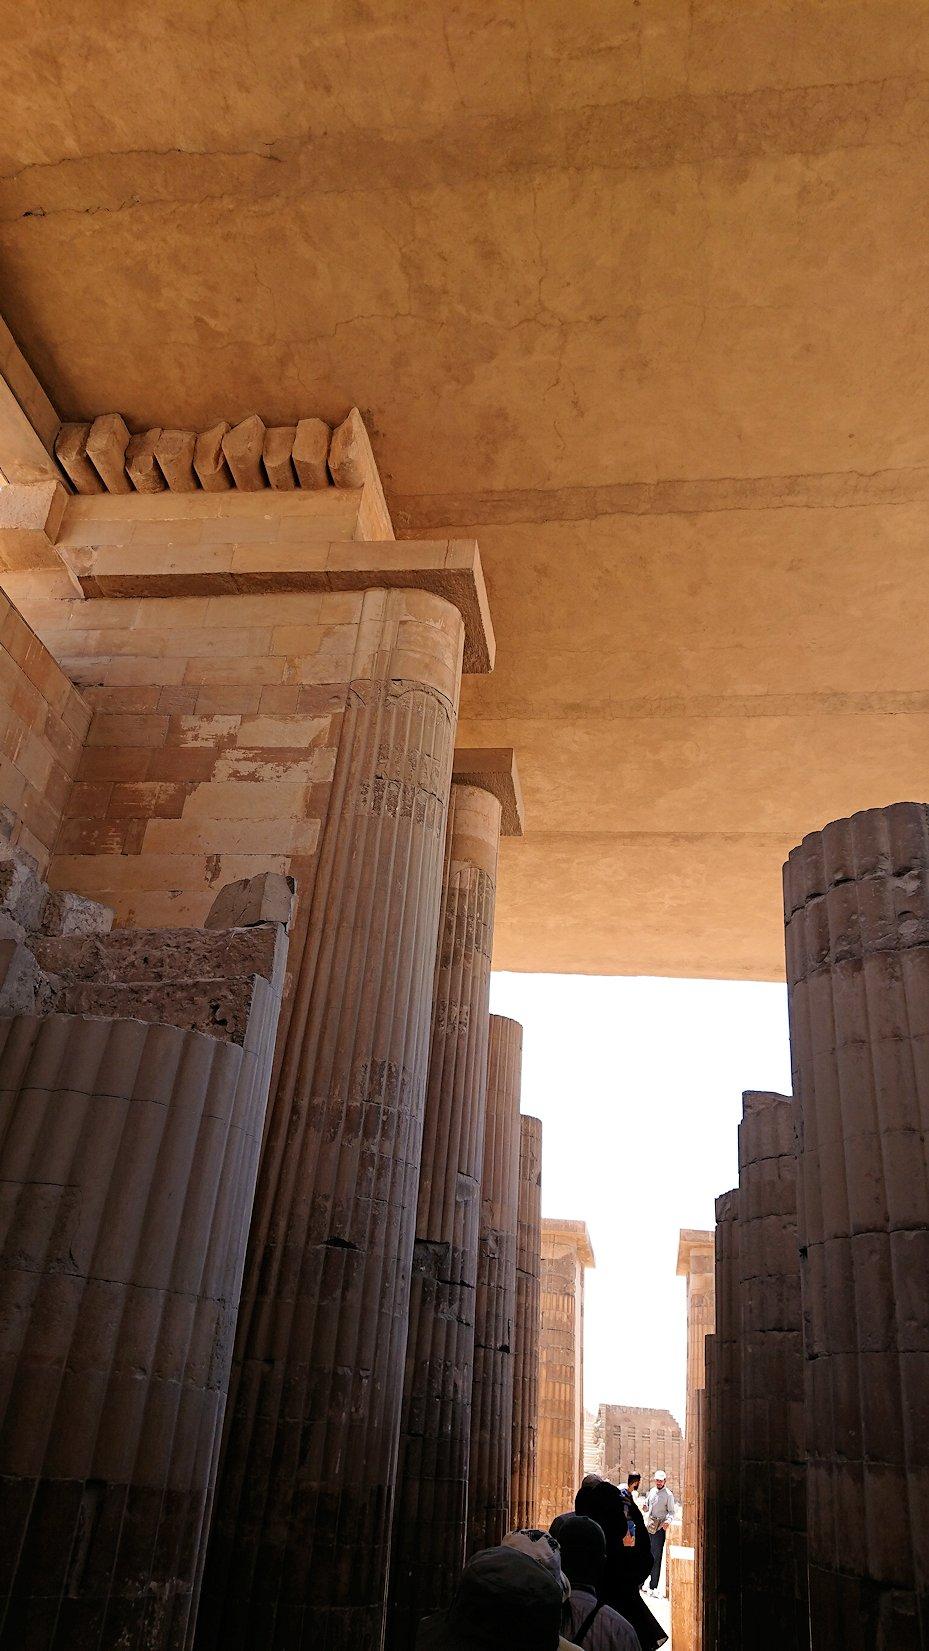 エジプト旅行 ブログ 口コミ カイロ ピラミッド 階段